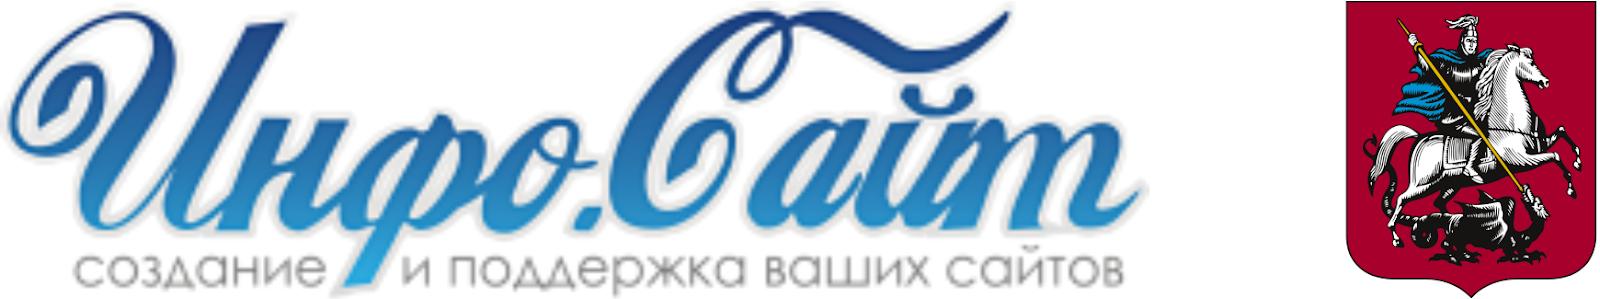 Москва 🌍 Новости : Информационный агрегатор Инфо-Сайт